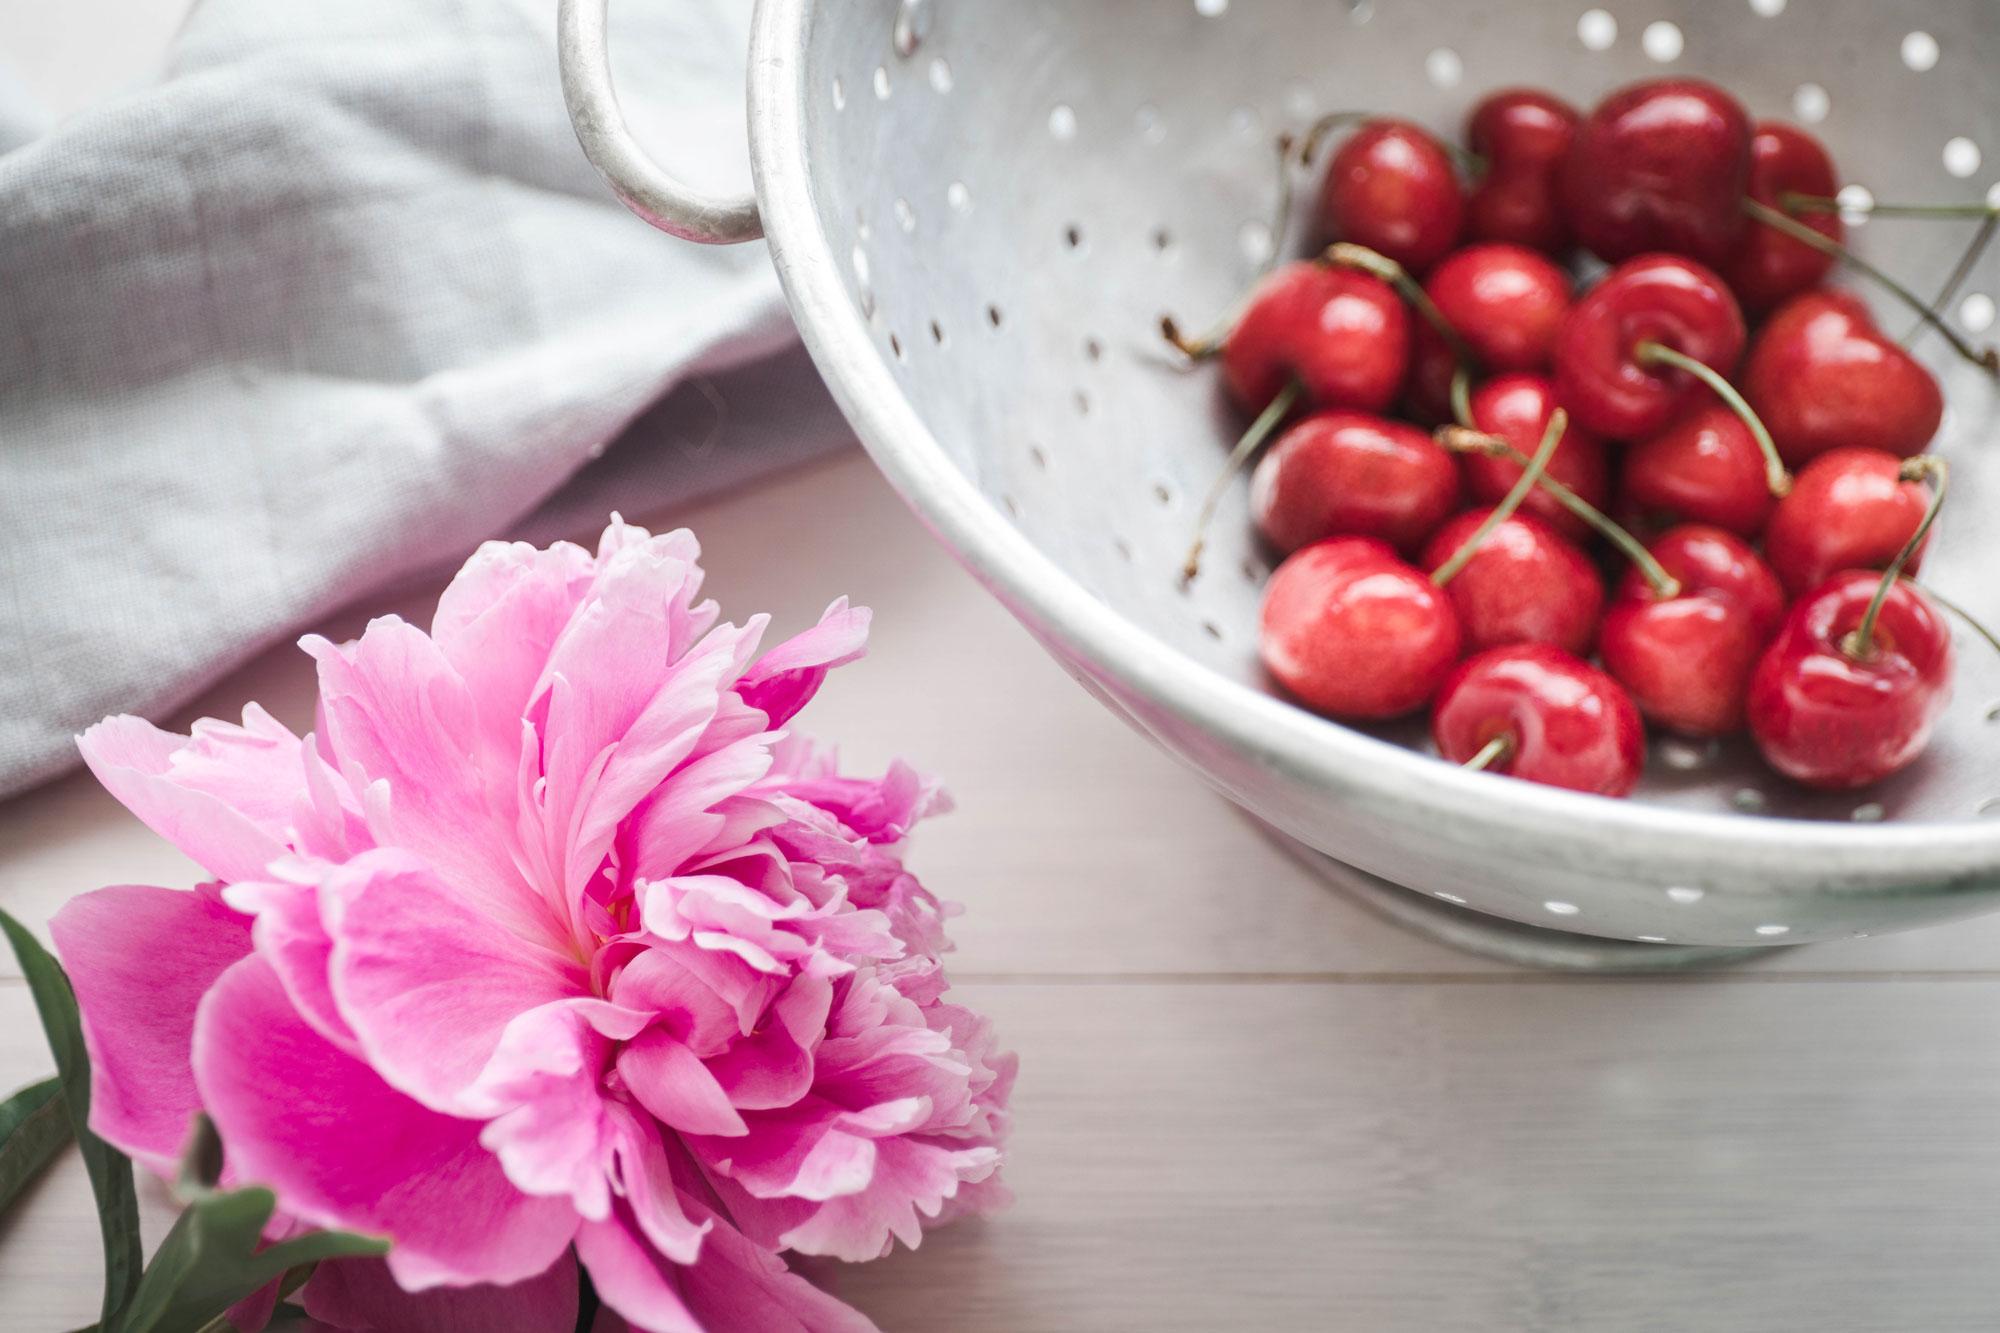 cherries for vegan chocolate shakes with cashew whipped cream